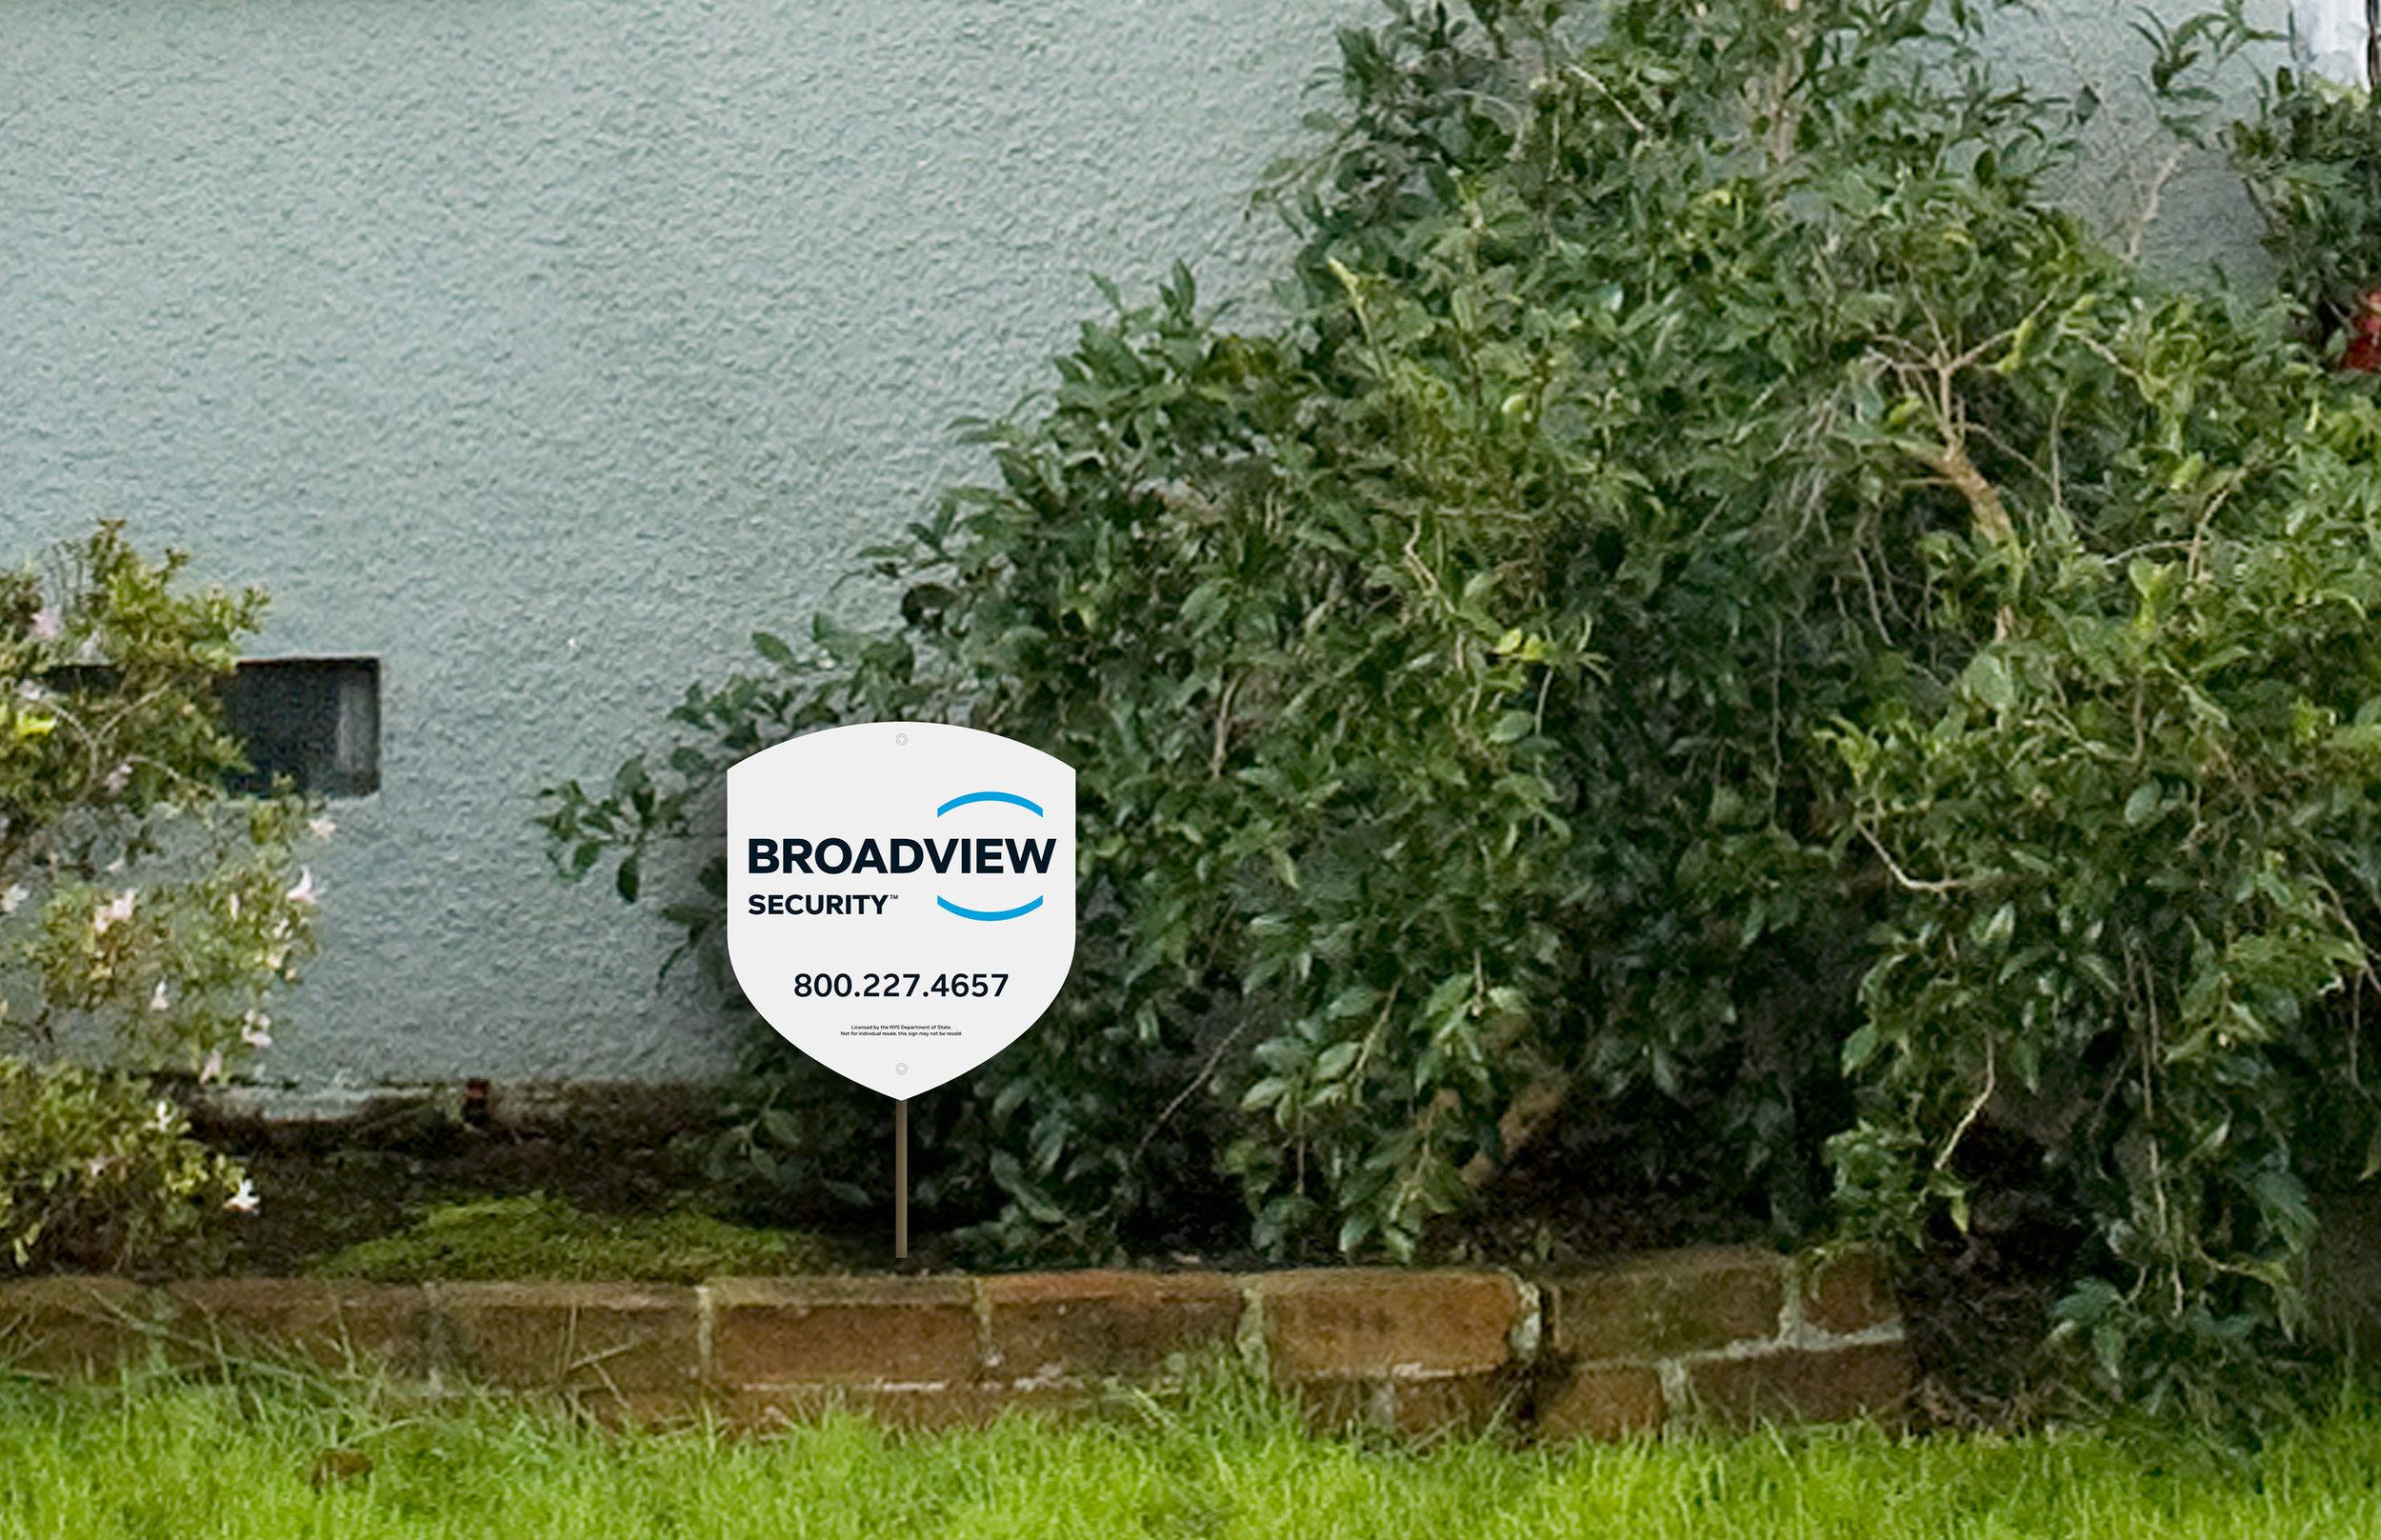 broadview-2.jpg